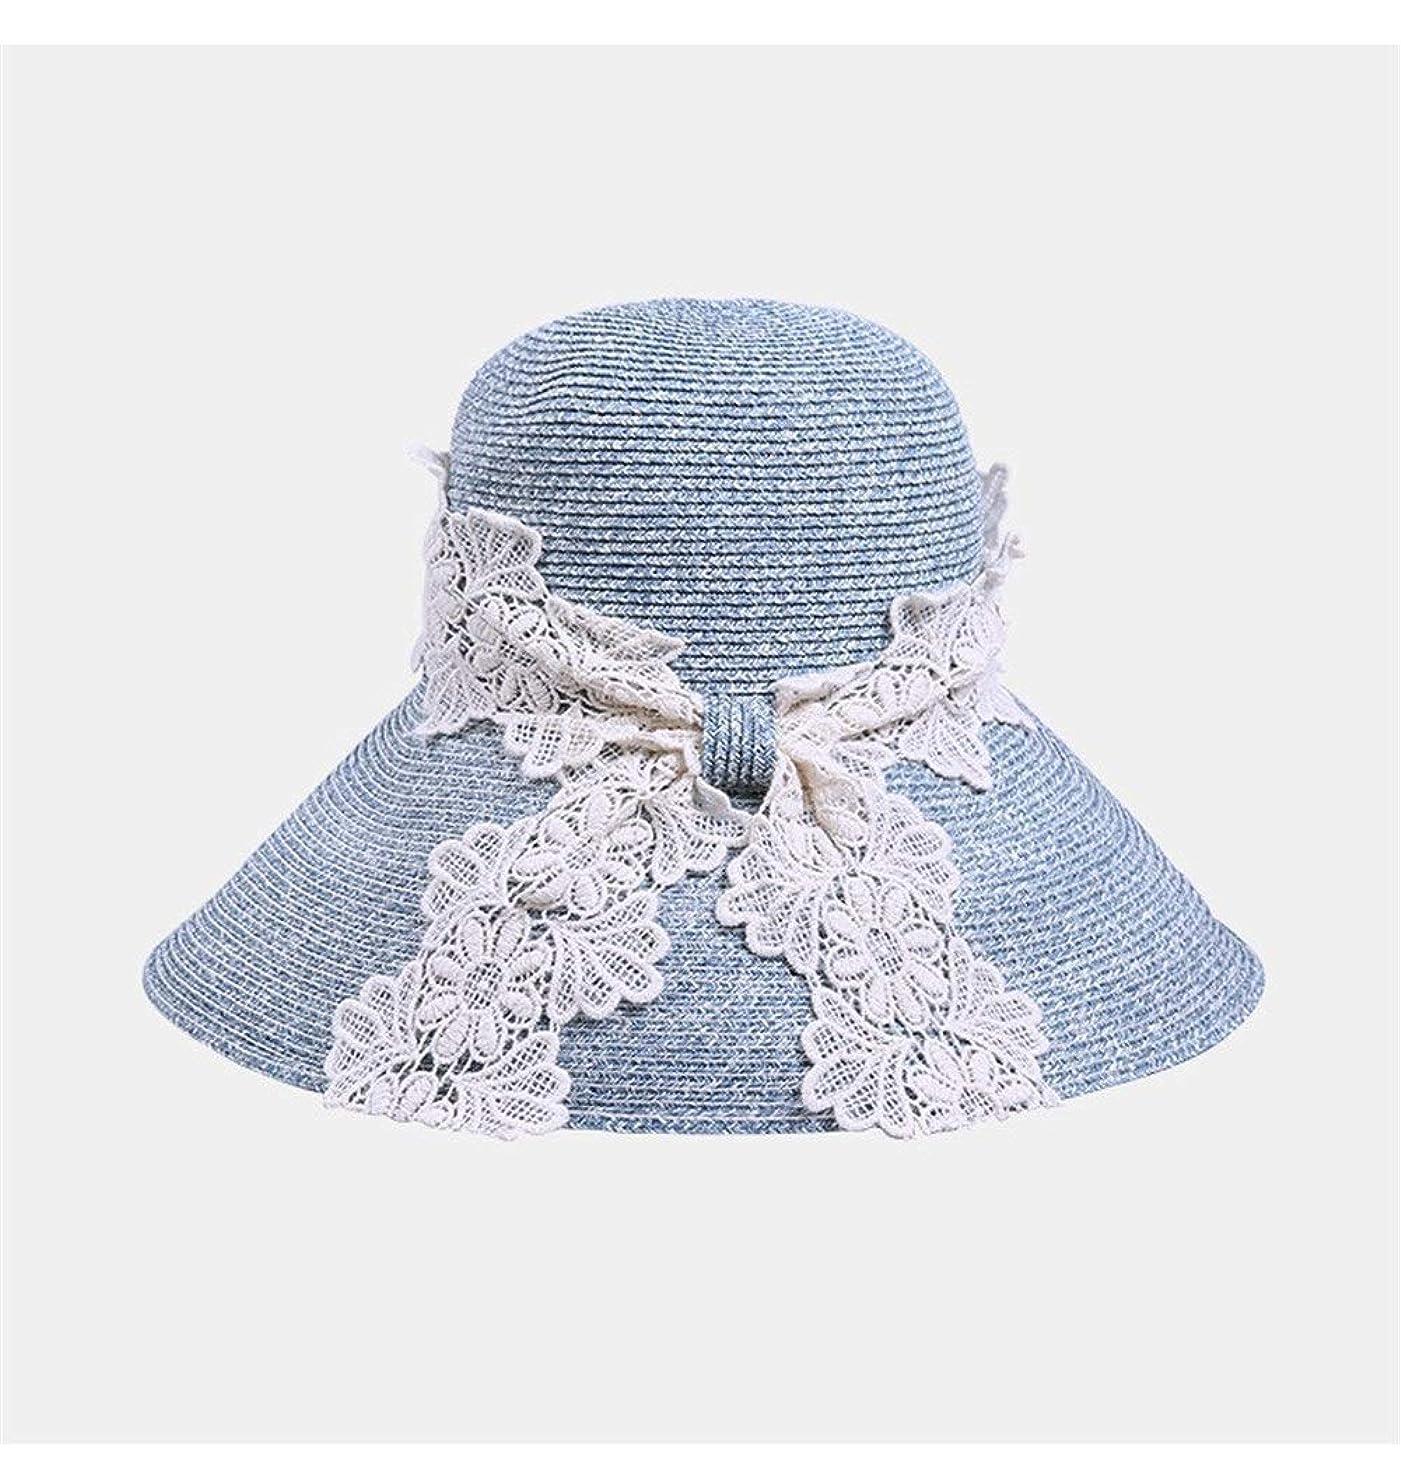 に渡ってメッシュ満足できる女性の繊細なレースの大きな帽子ビーチ帽子日焼け止めカジュアル麦わら帽子バイザー折りたたみ式